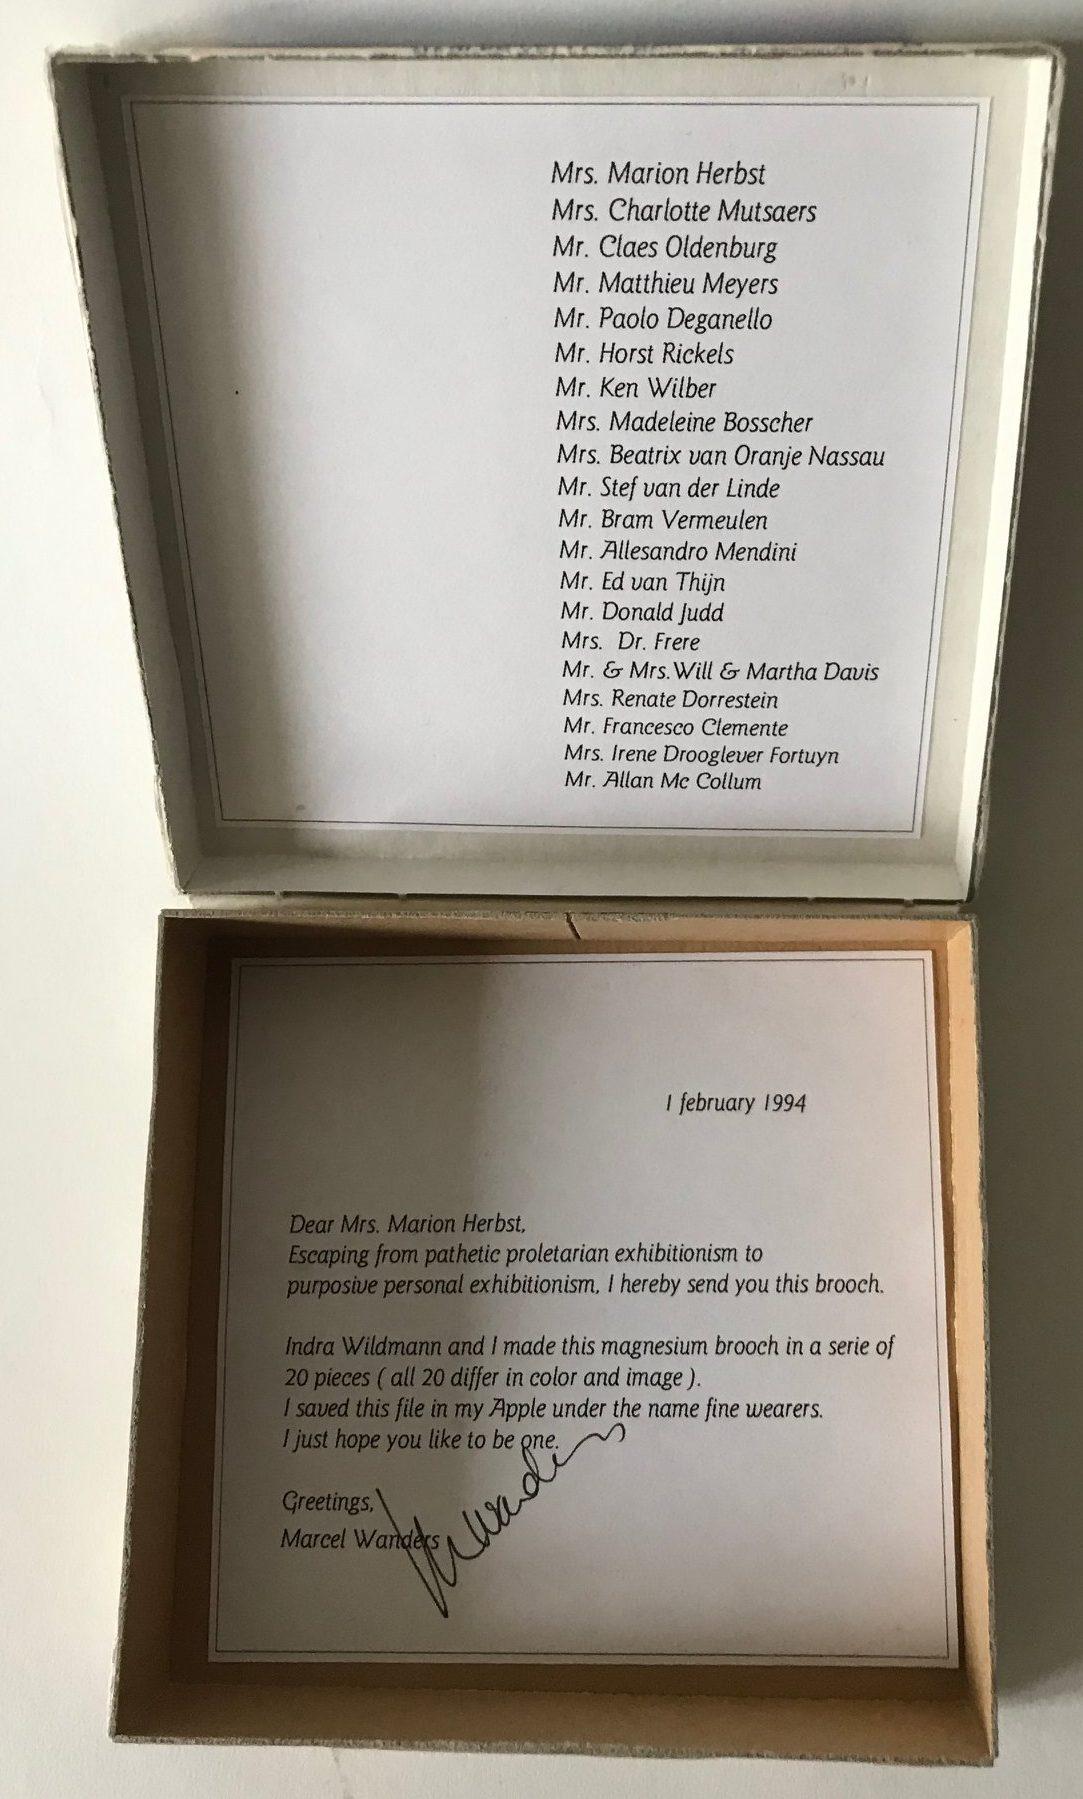 Marcel Wanders, broche in doos voor Marion Herbst, 1994. Foto met dank aan Berend Peter©